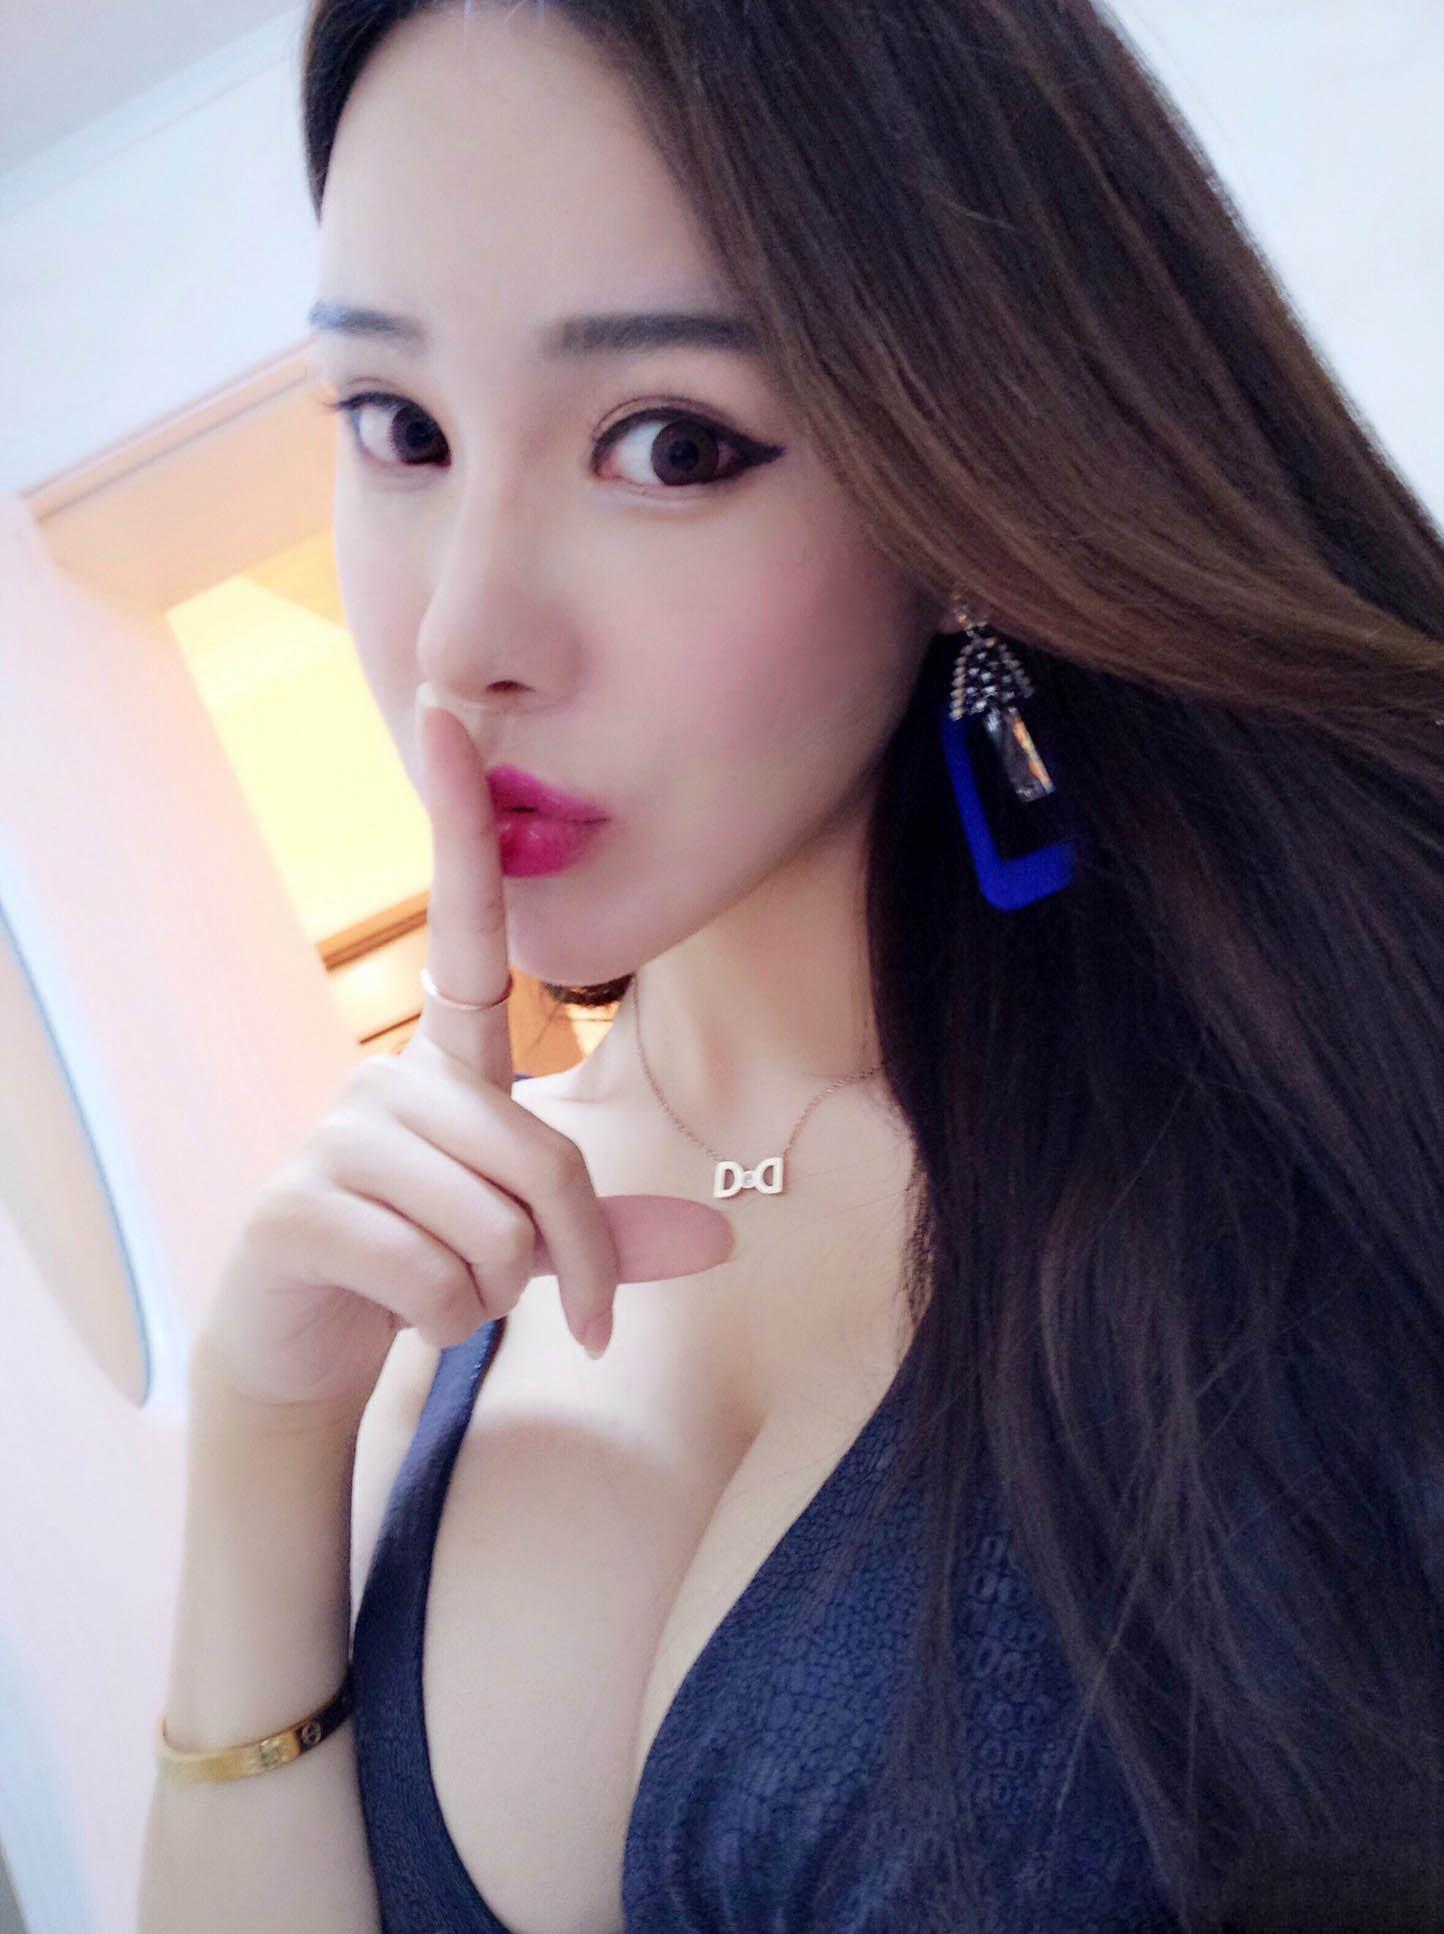 小旺财app苹果版-v2.6.5版下载 【ybvip4187.com】-西北西南-宁夏-吴忠